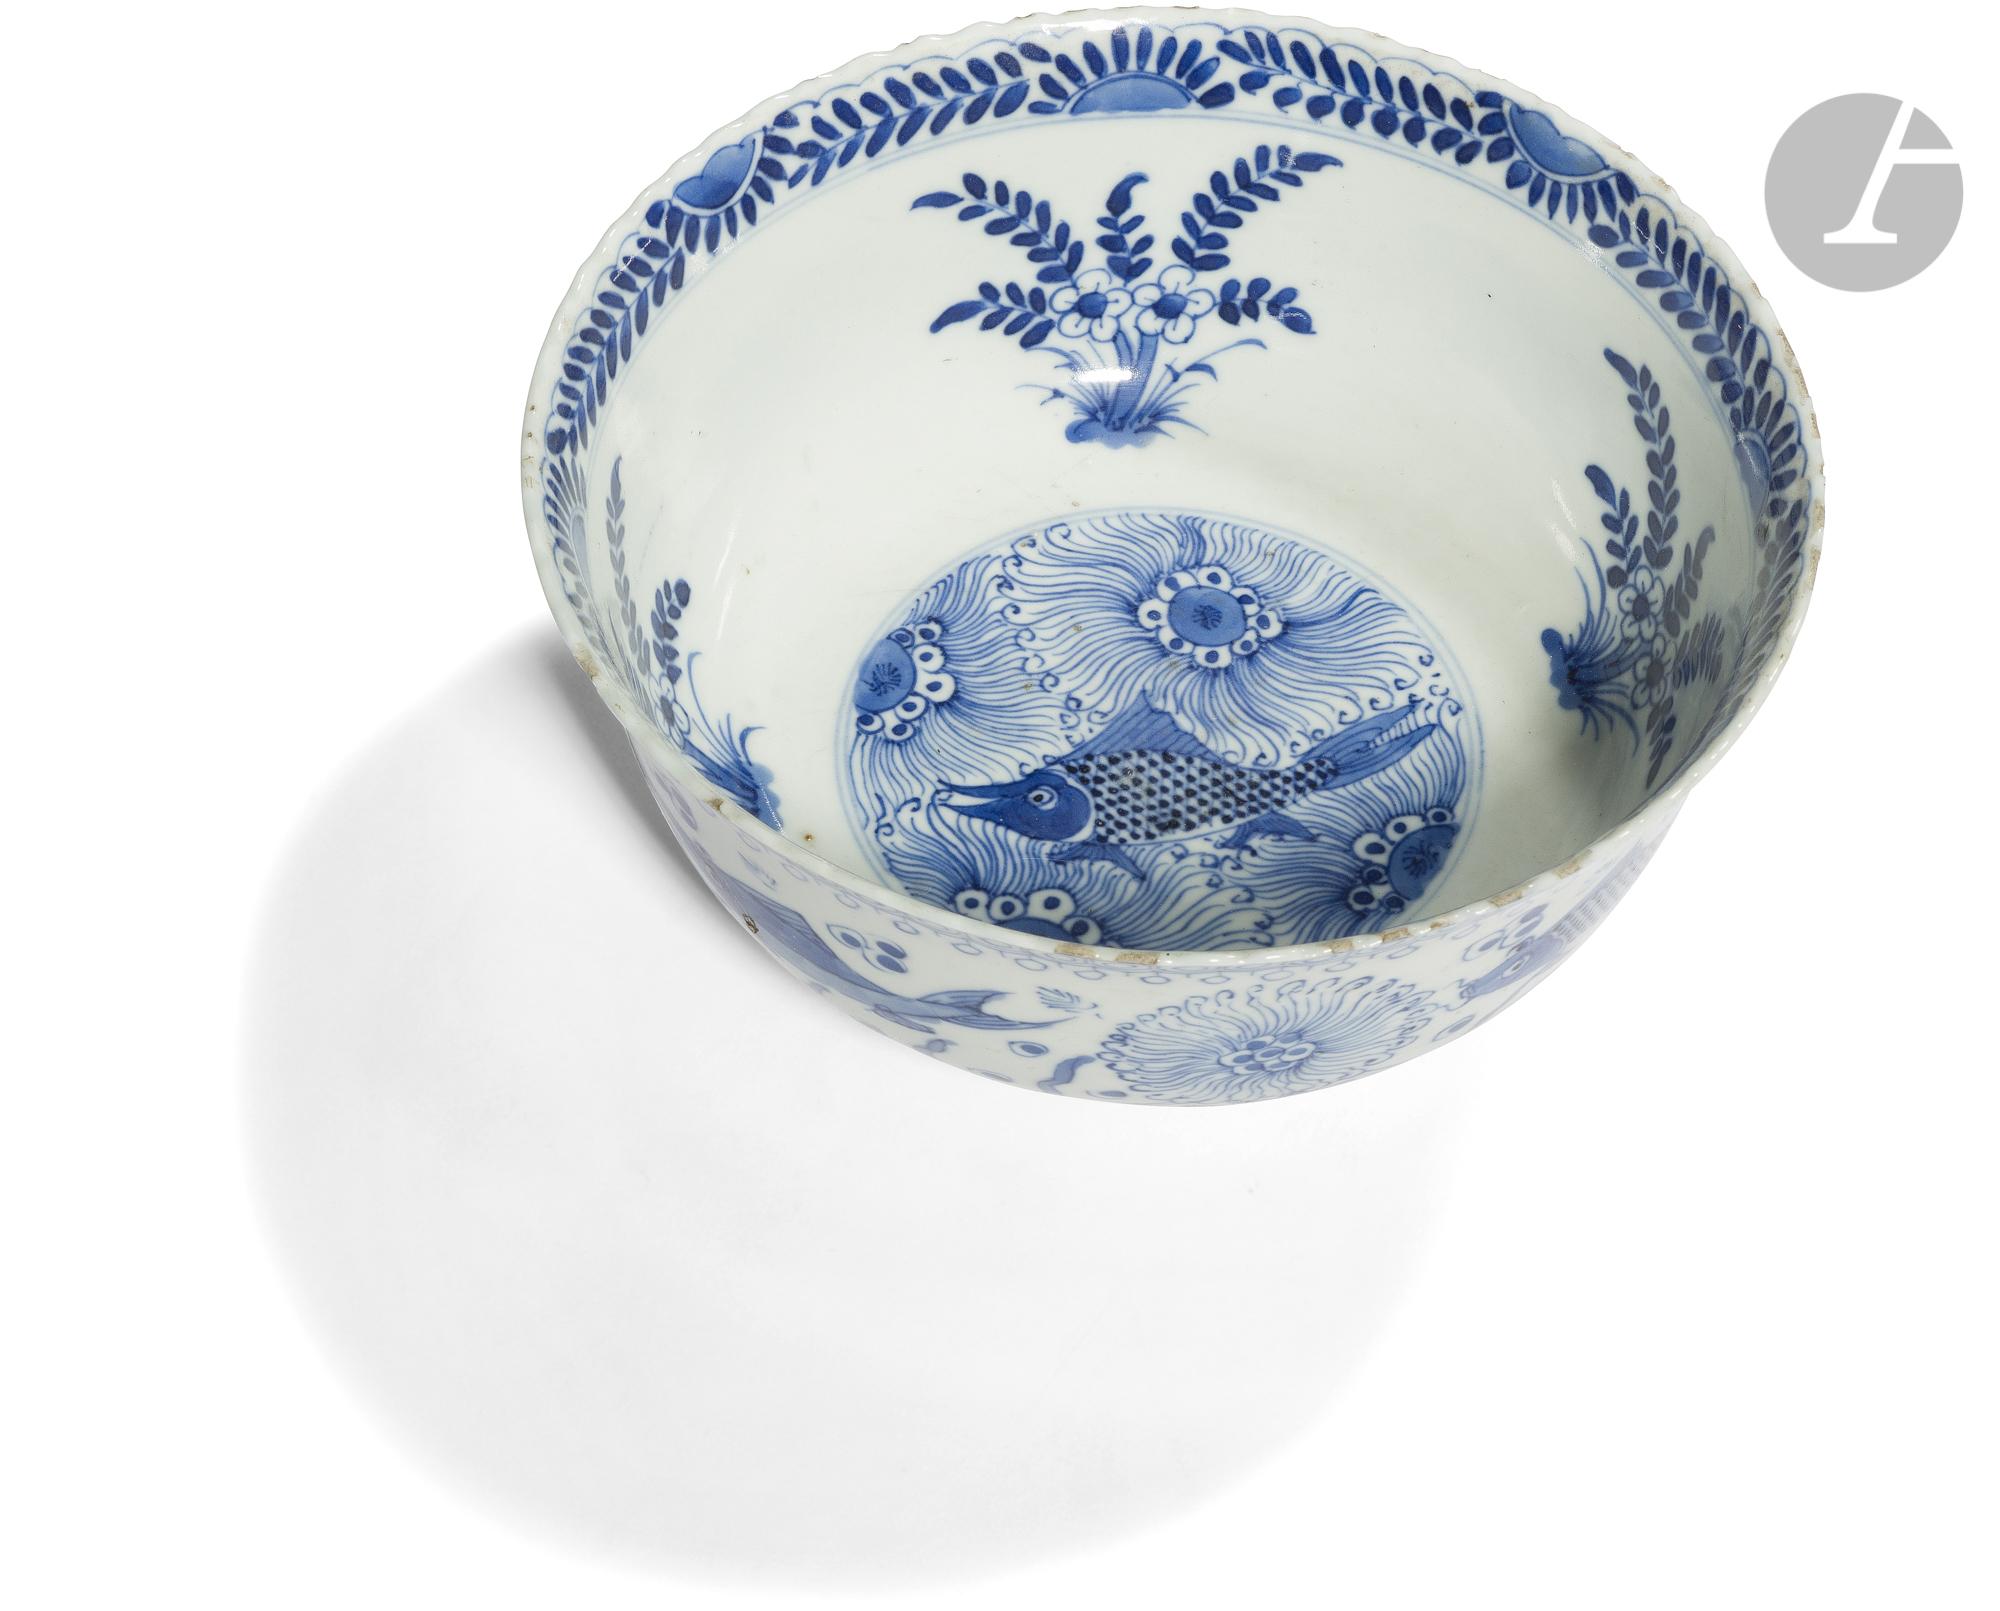 CHINE - Époque KANGXI (1662 - 1722) Bol à bordure chantournée en porcelaine blanche émaillée en bleu - Image 2 of 2